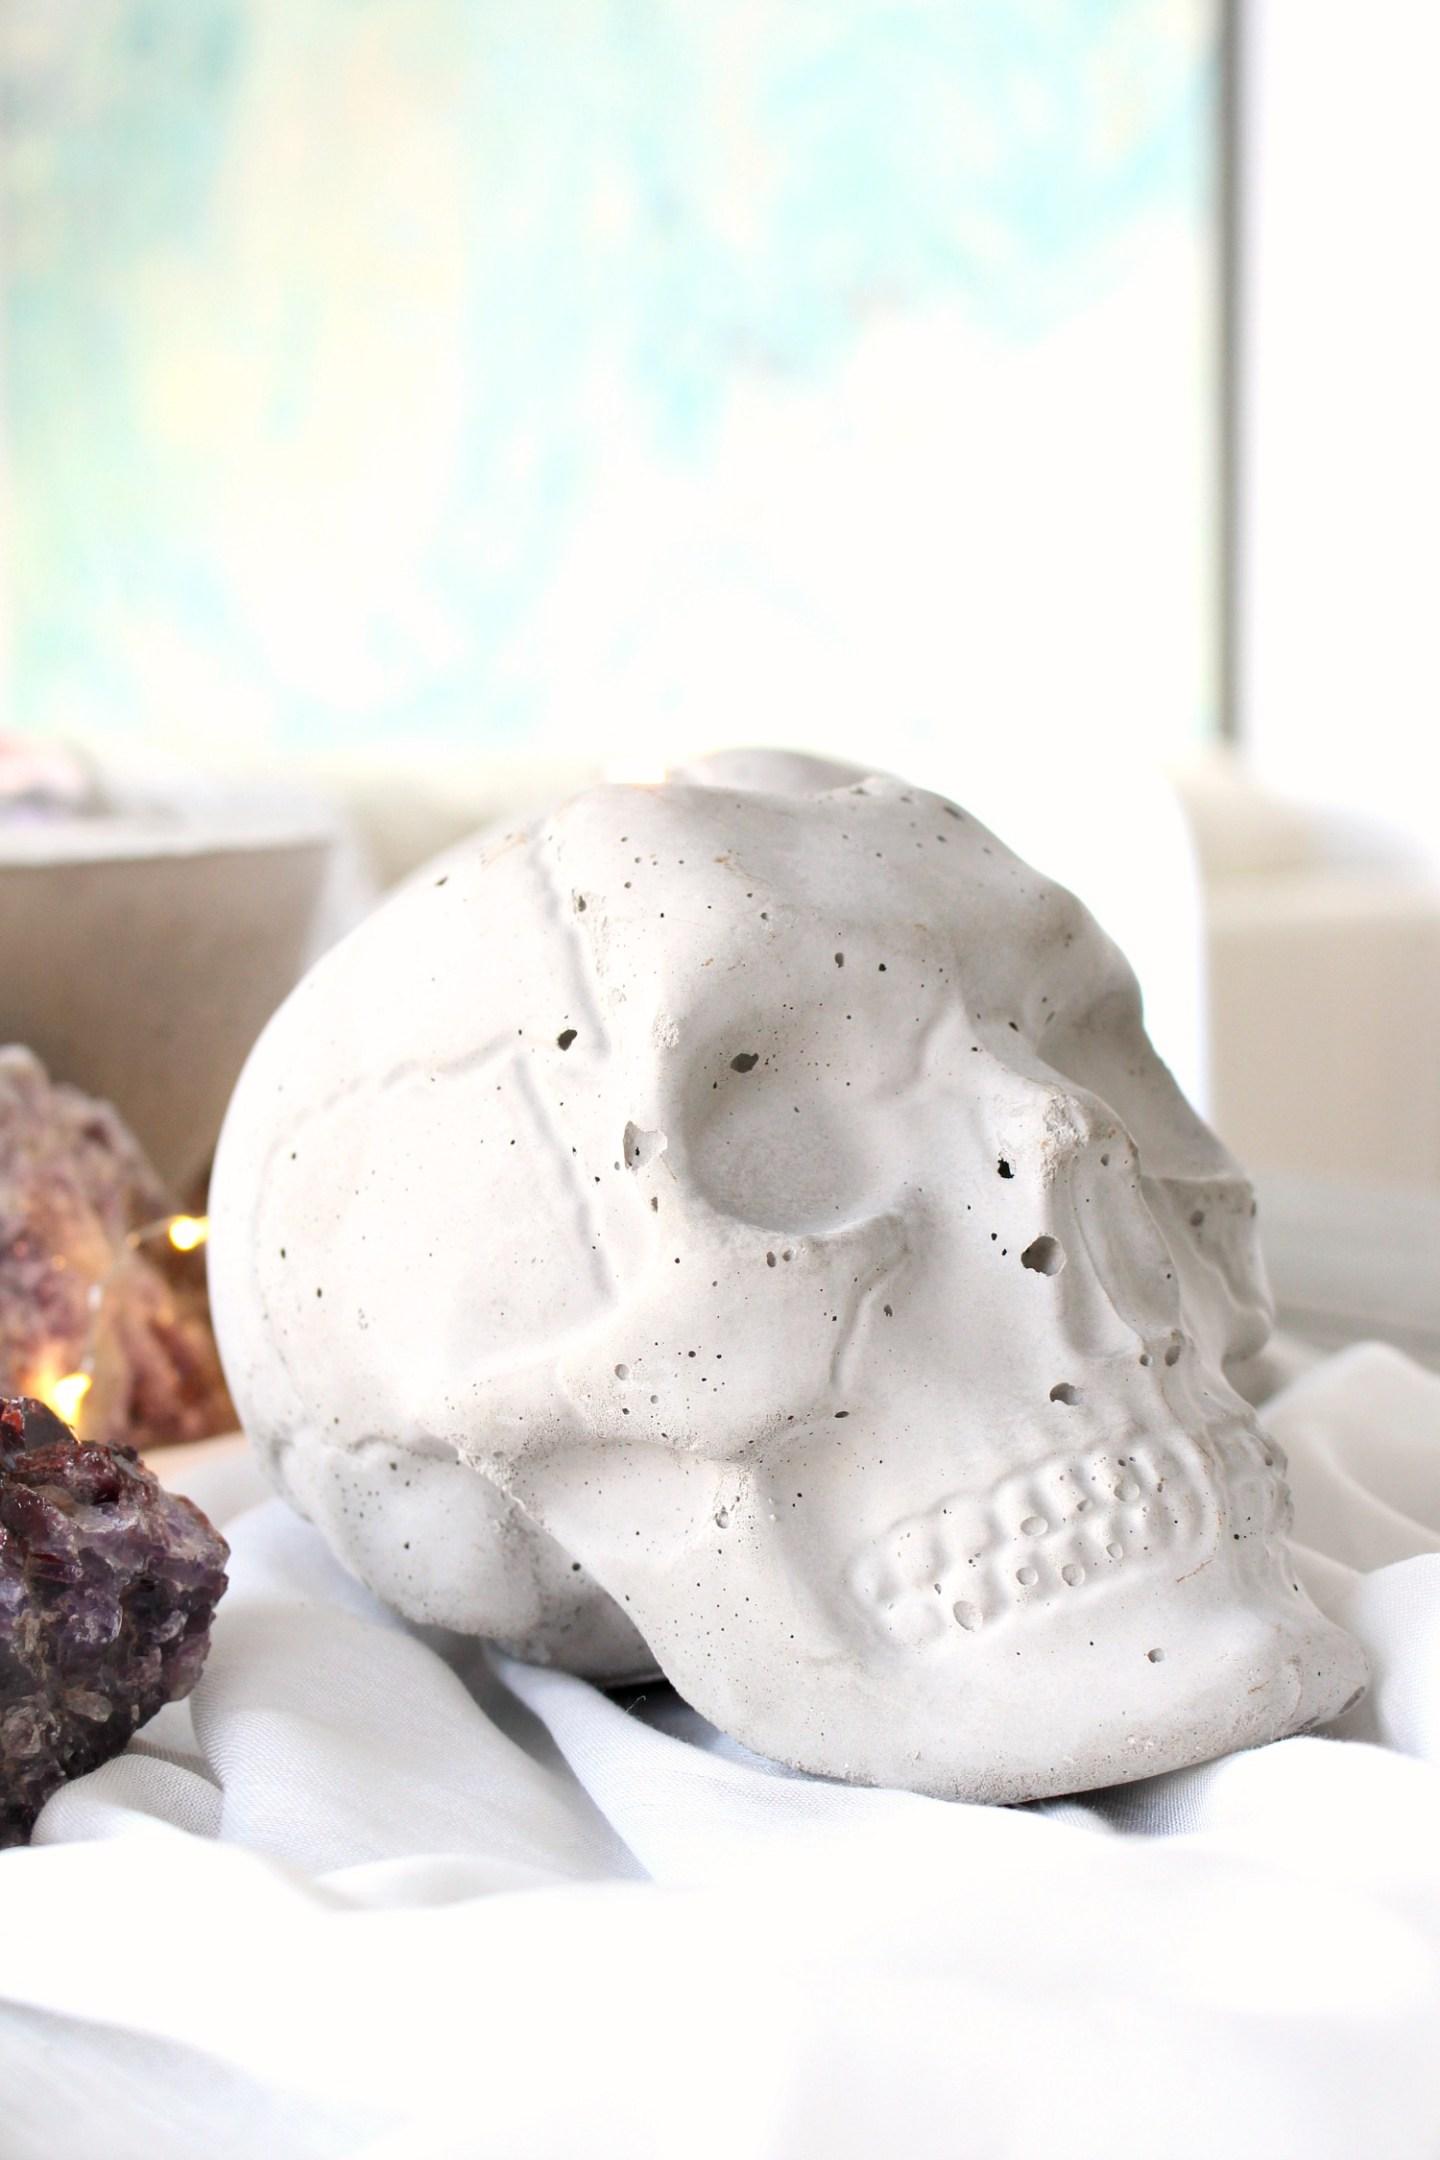 DIY Concrete Skull Tutorial